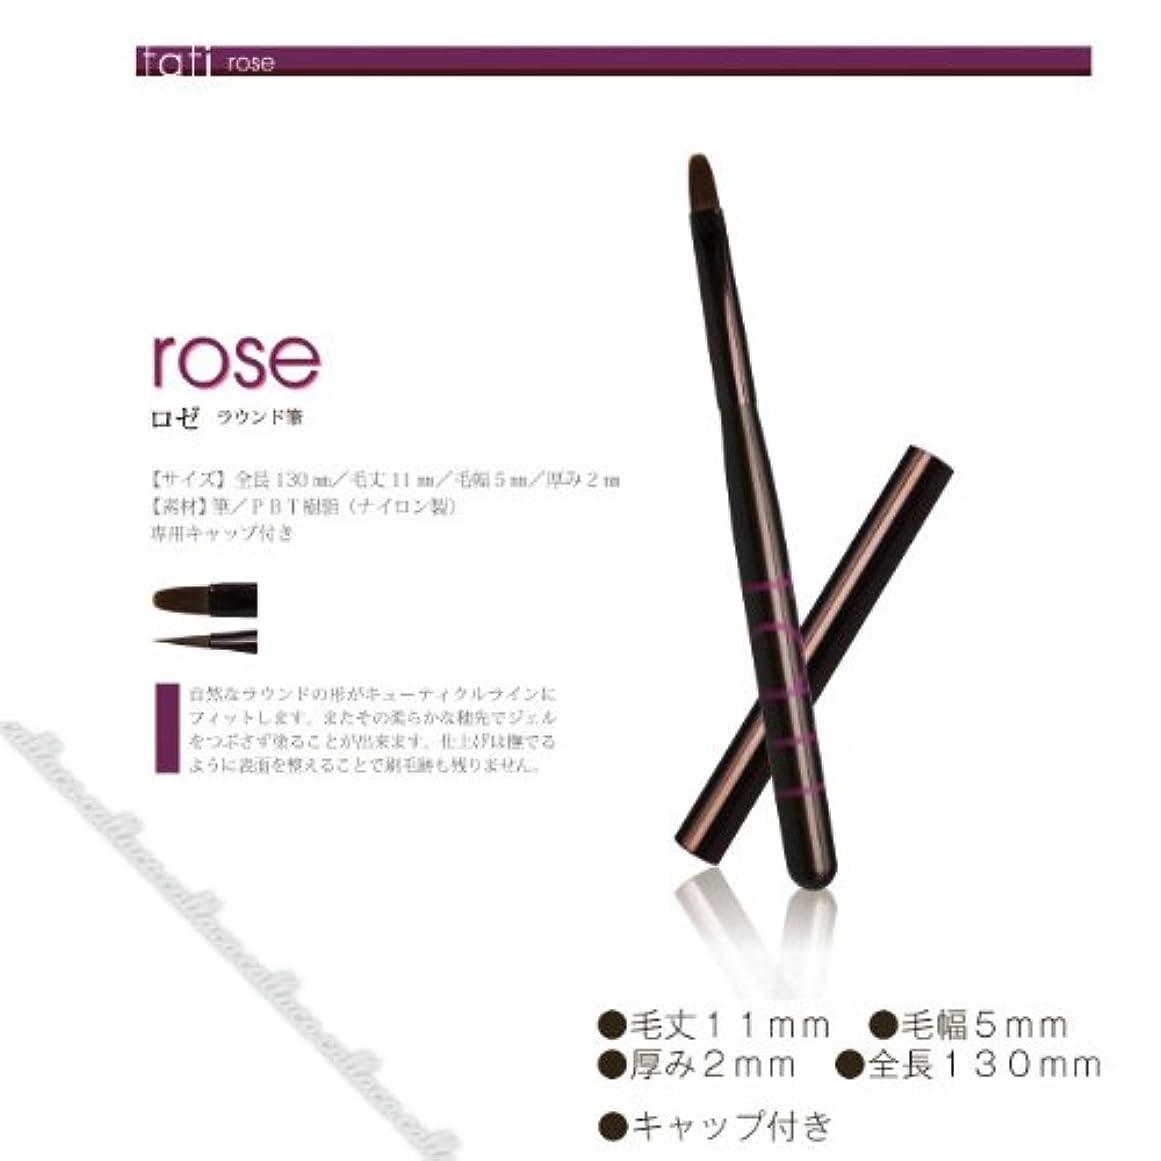 クスクス毎日行き当たりばったりtati ジェル ブラシアートショコラ rose (ロゼ)